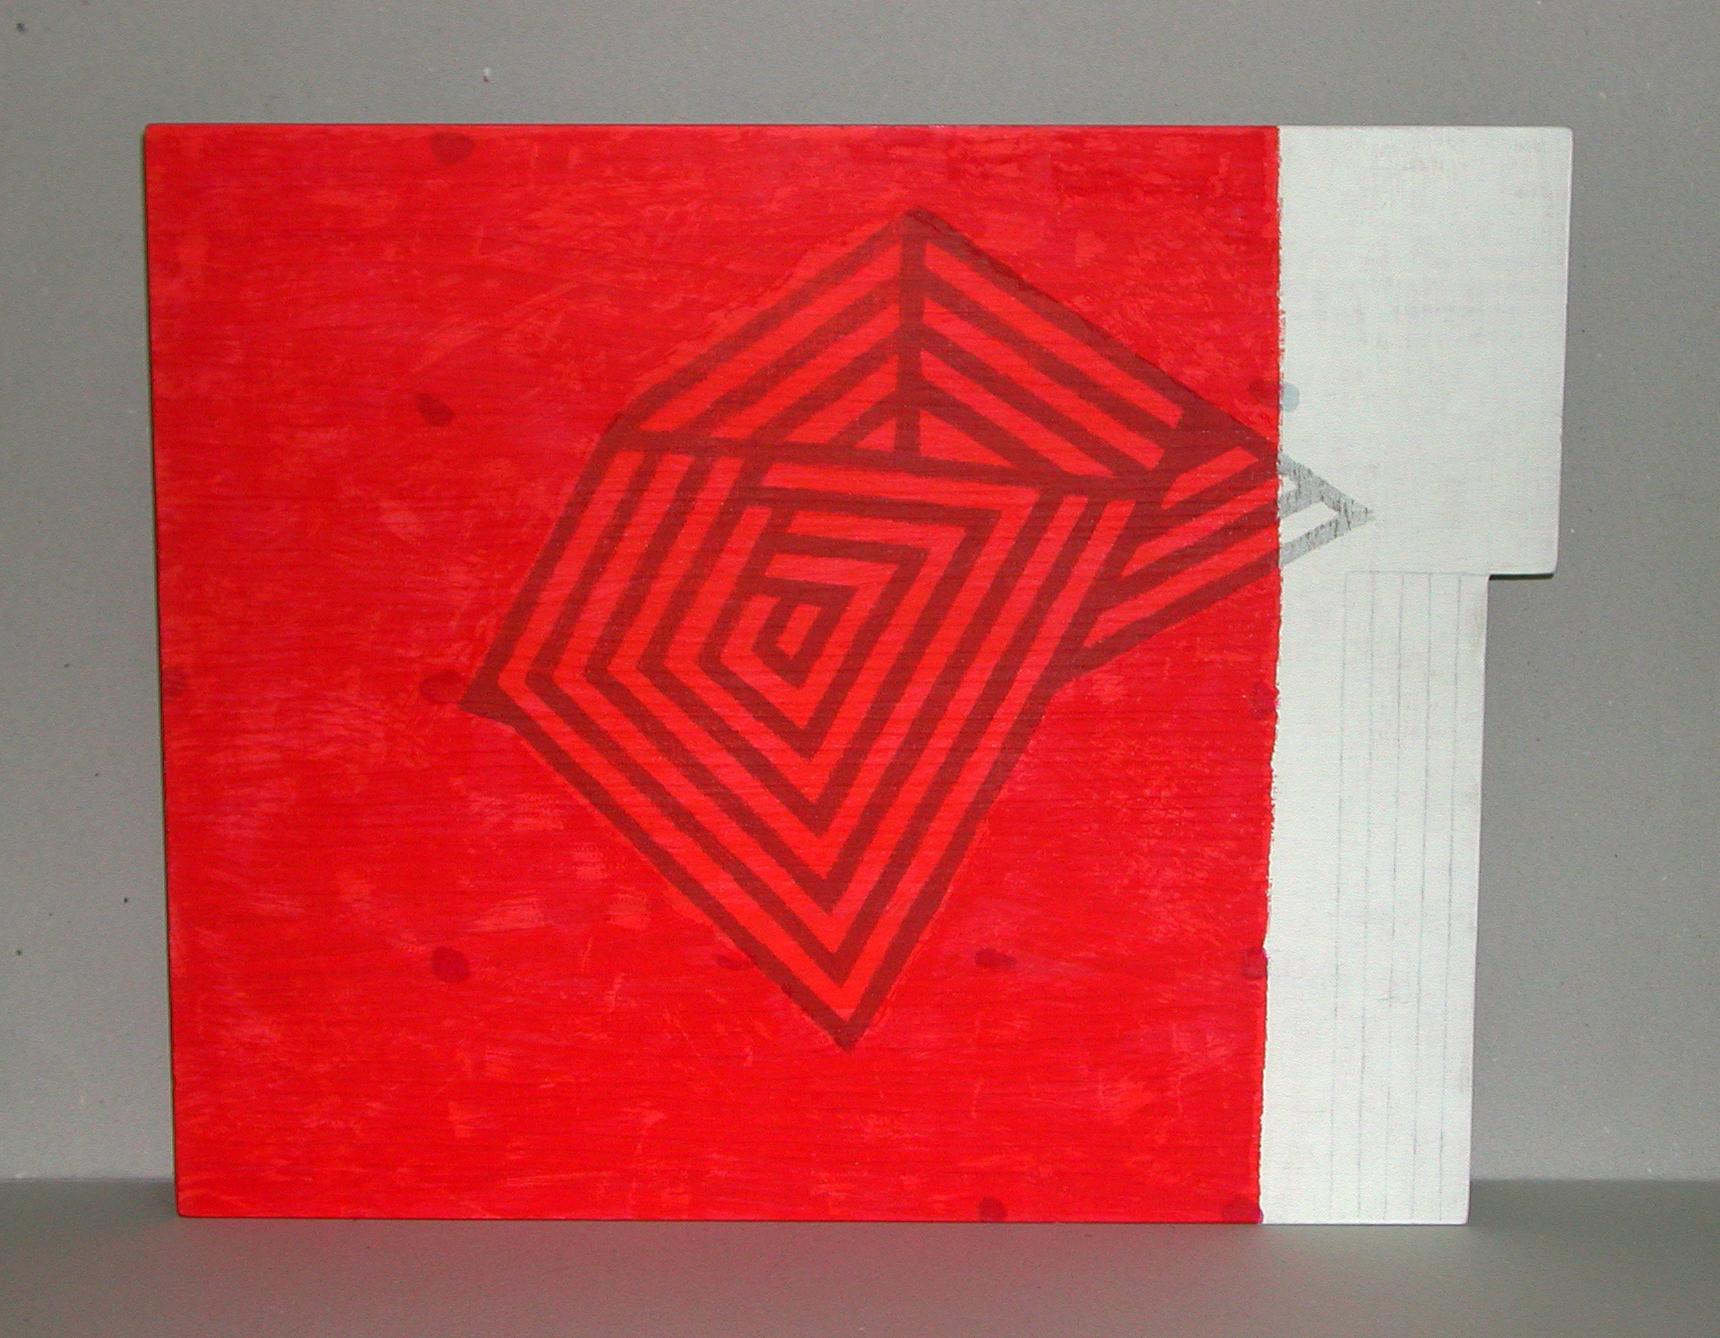 Estrella, 2001